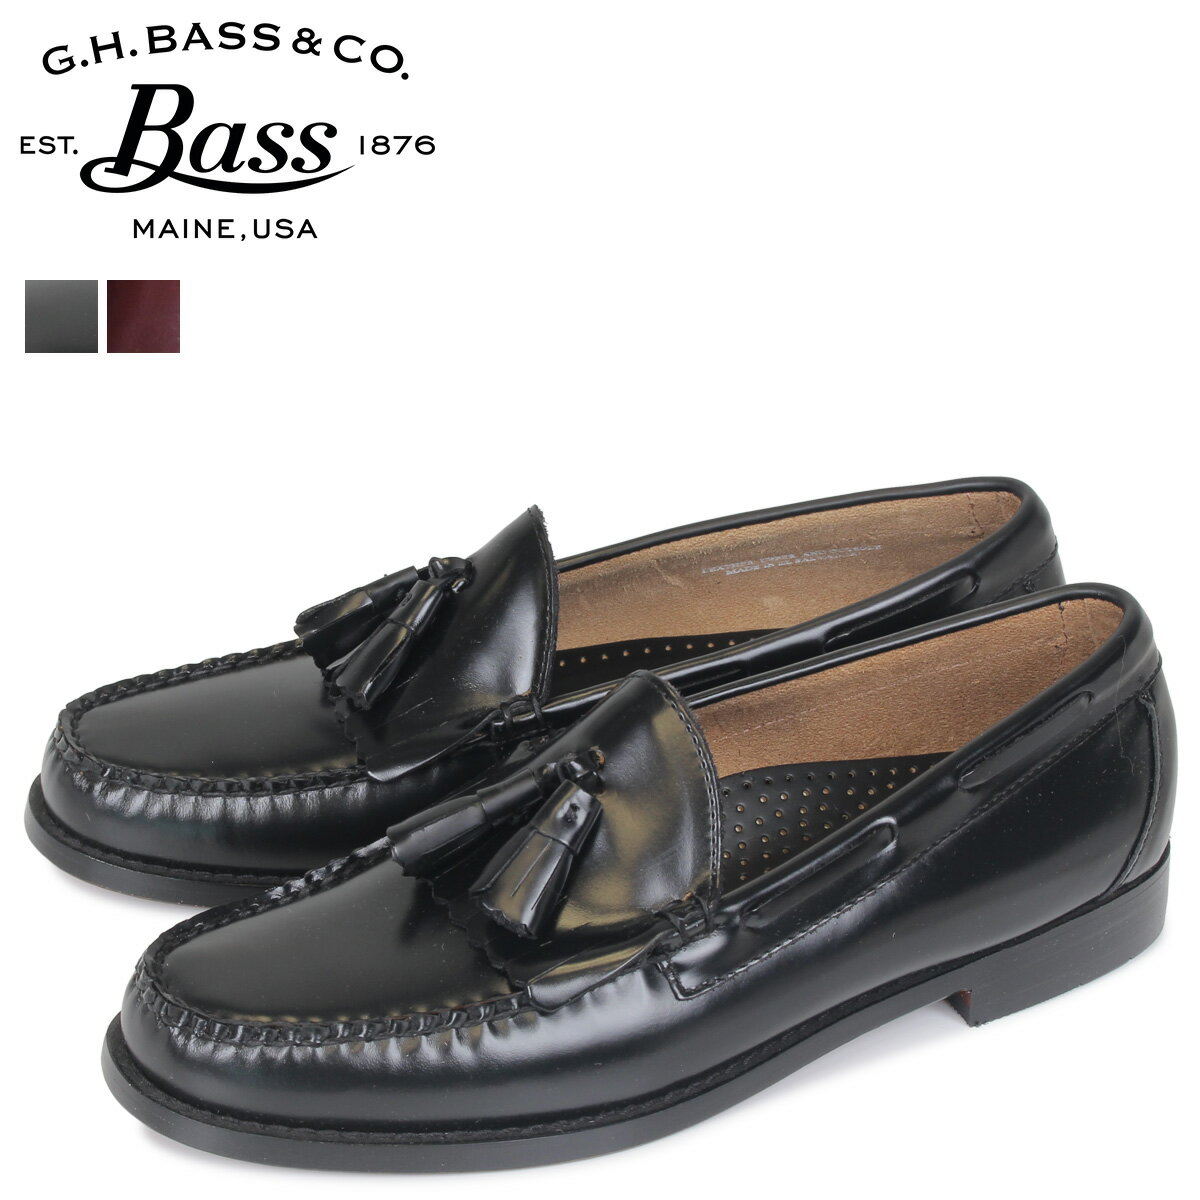 G.H. BASS ローファー ジーエイチバス メンズ LAYTON TASSEL LOAFER 70-10934 70-10939 靴 2カラー [3/1 追加入荷]